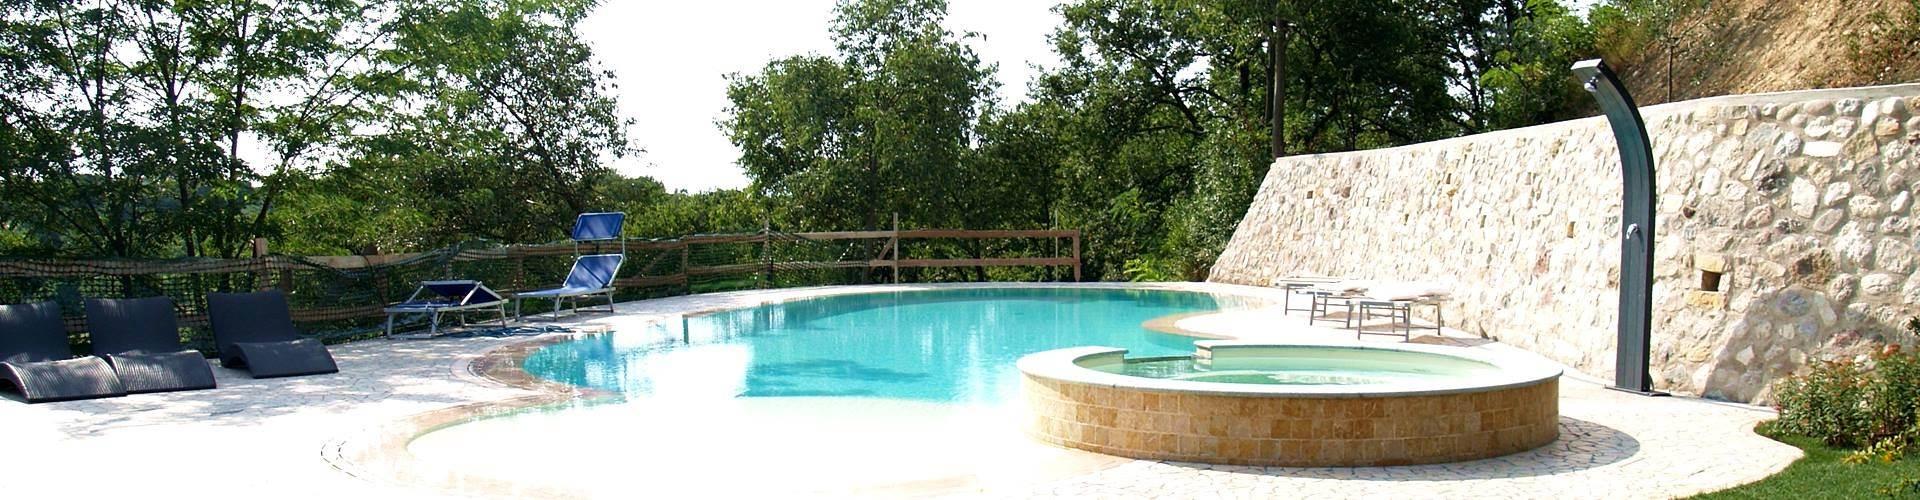 Accessori per piscine mantova mn accessori per piscine brescia bs accessori per piscine - Docce per piscine esterne ...